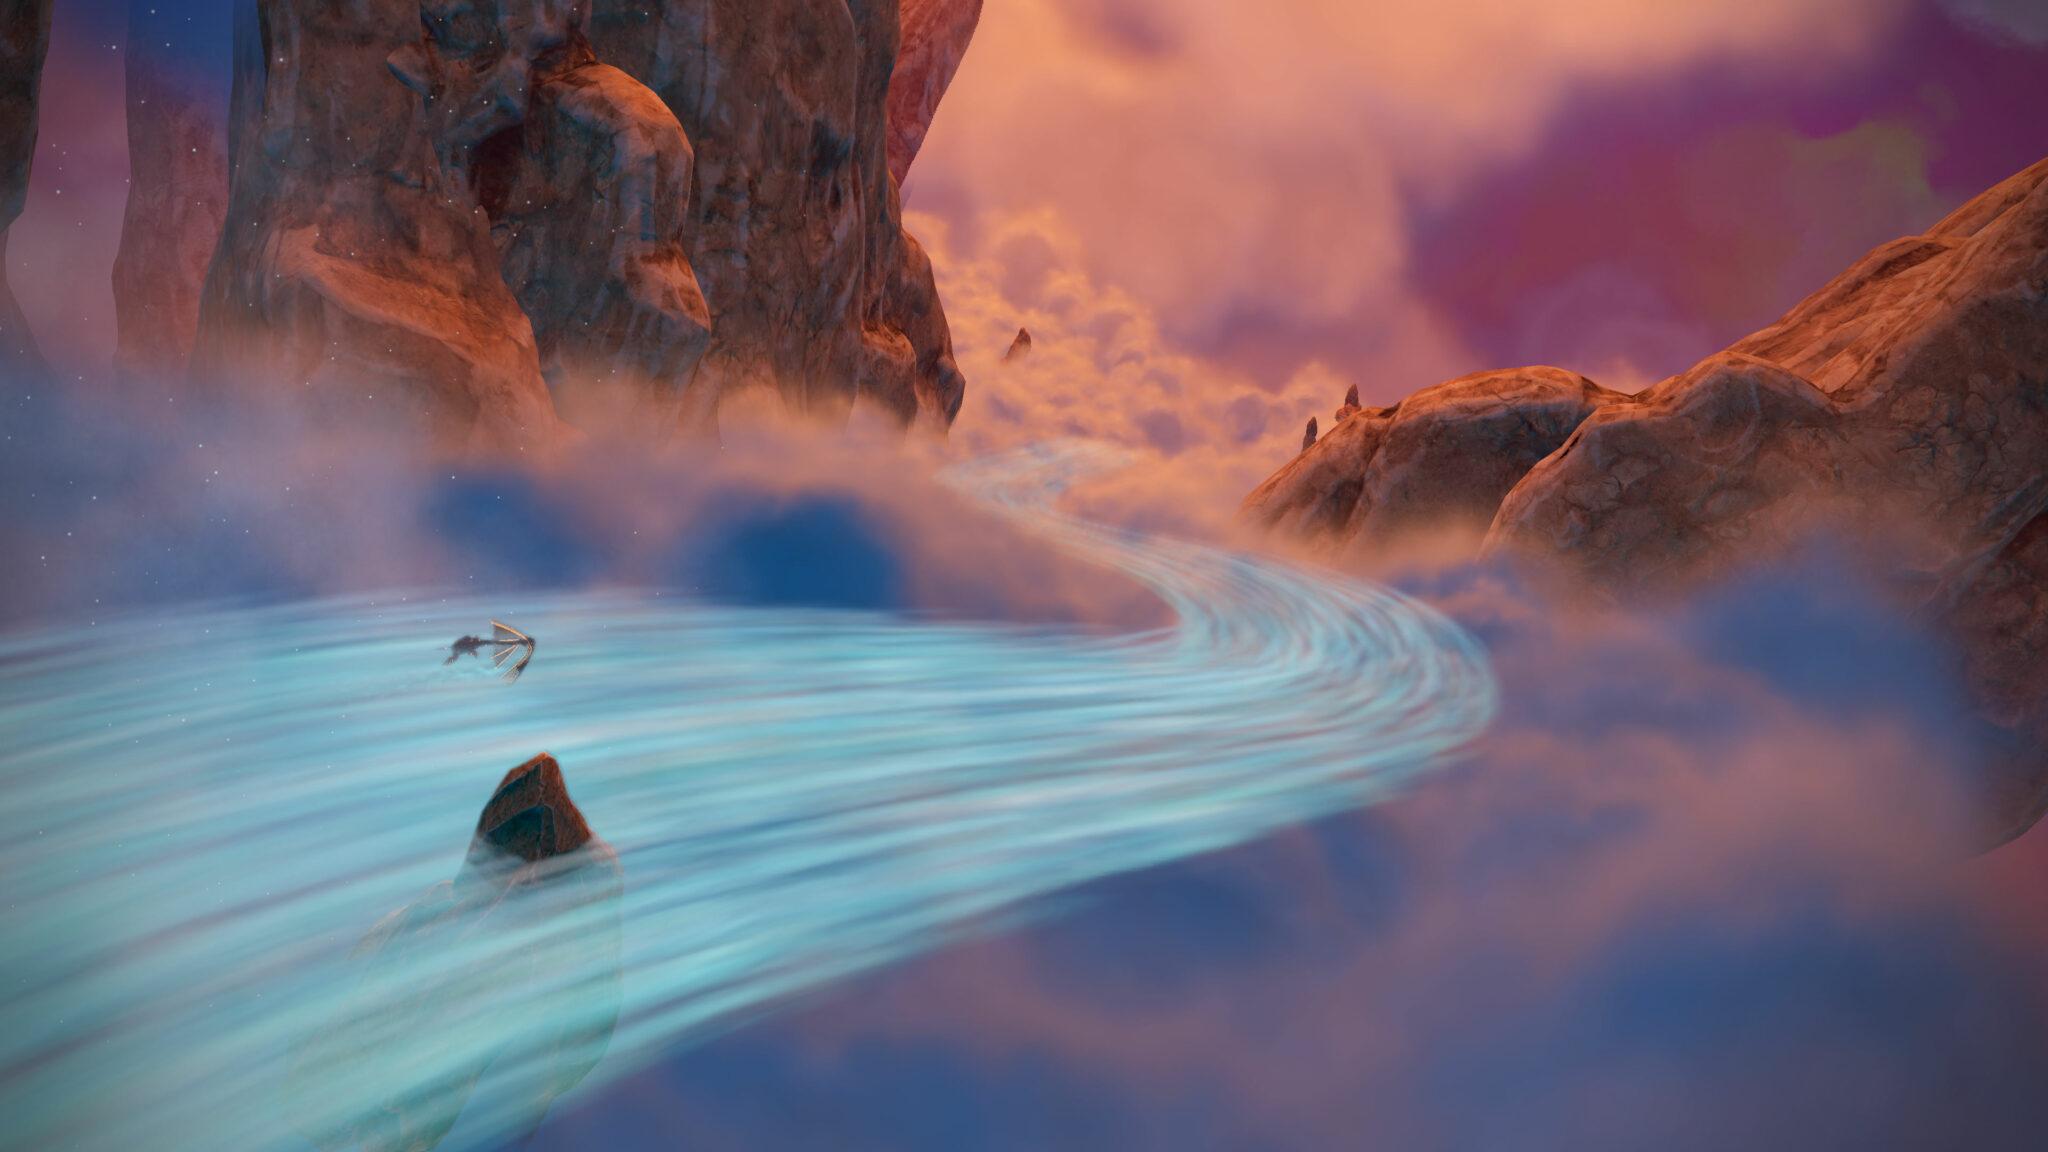 nebula river